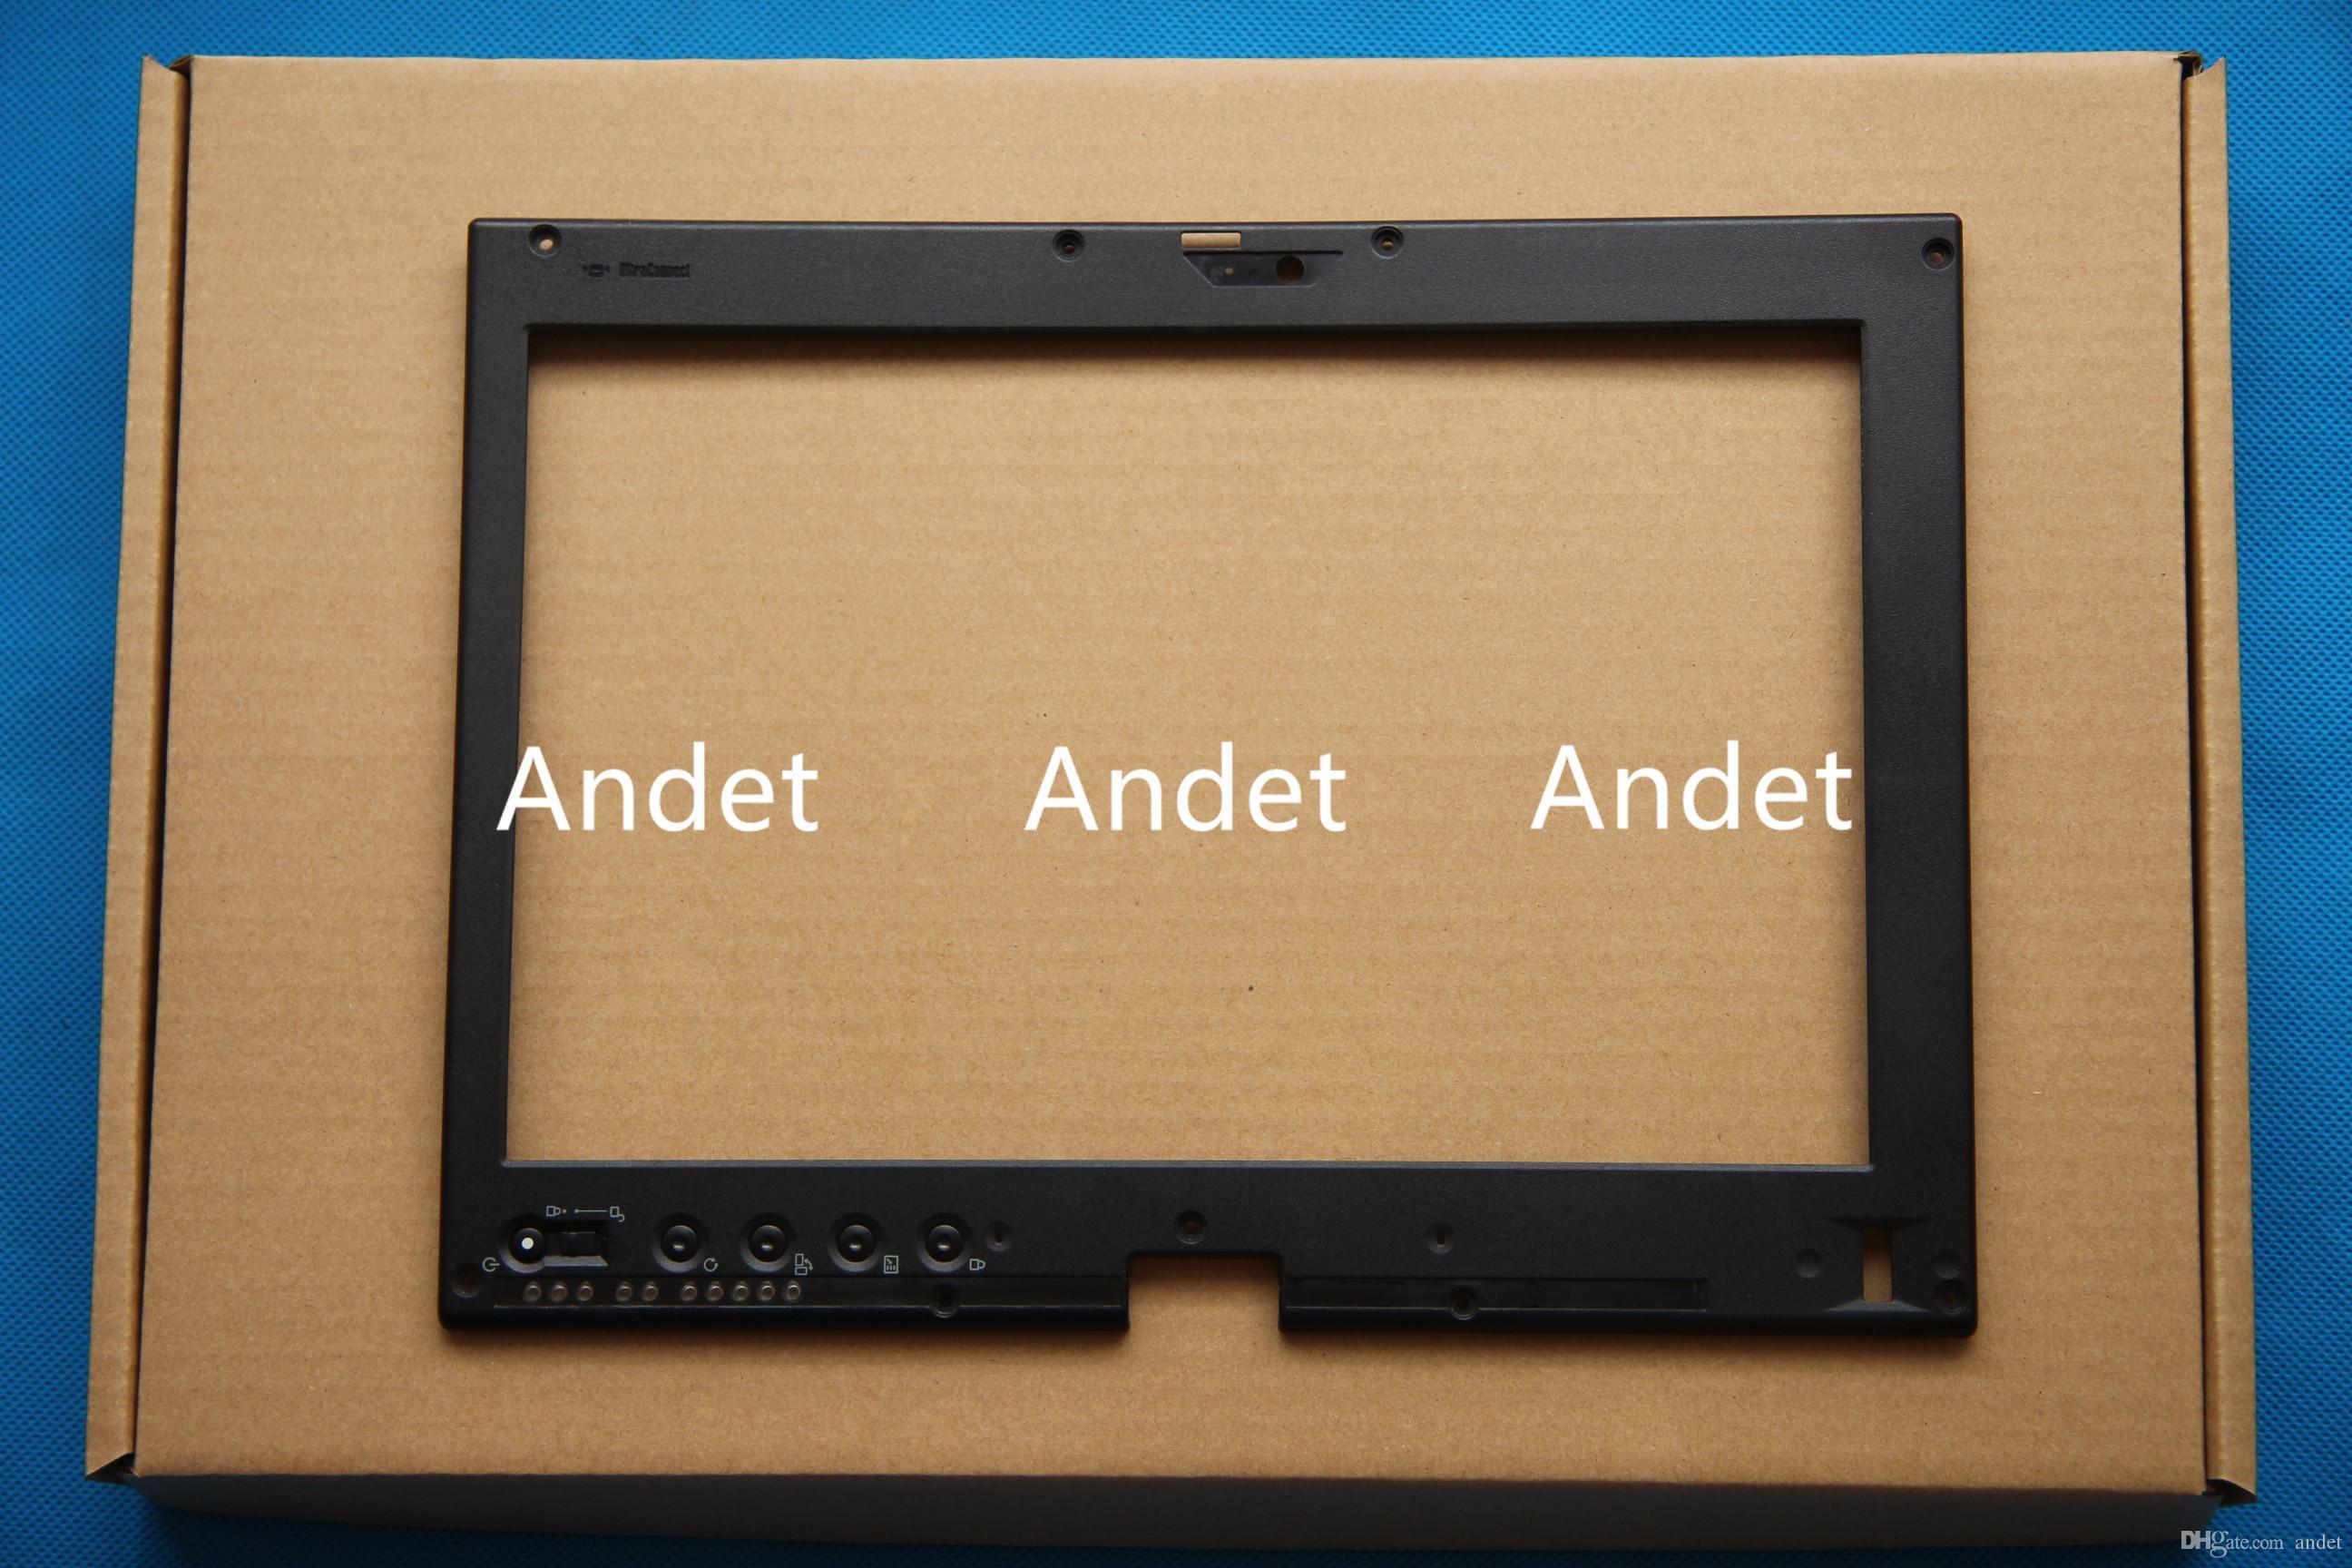 Großhandel Lenovo Thinkpad X200 X201 Tablette X200t X201t Lcd Vordere Lünette Abdeckung Rahmen Fall 75y4436 75y4434 Von Andet $19 1 Auf De Dhgate